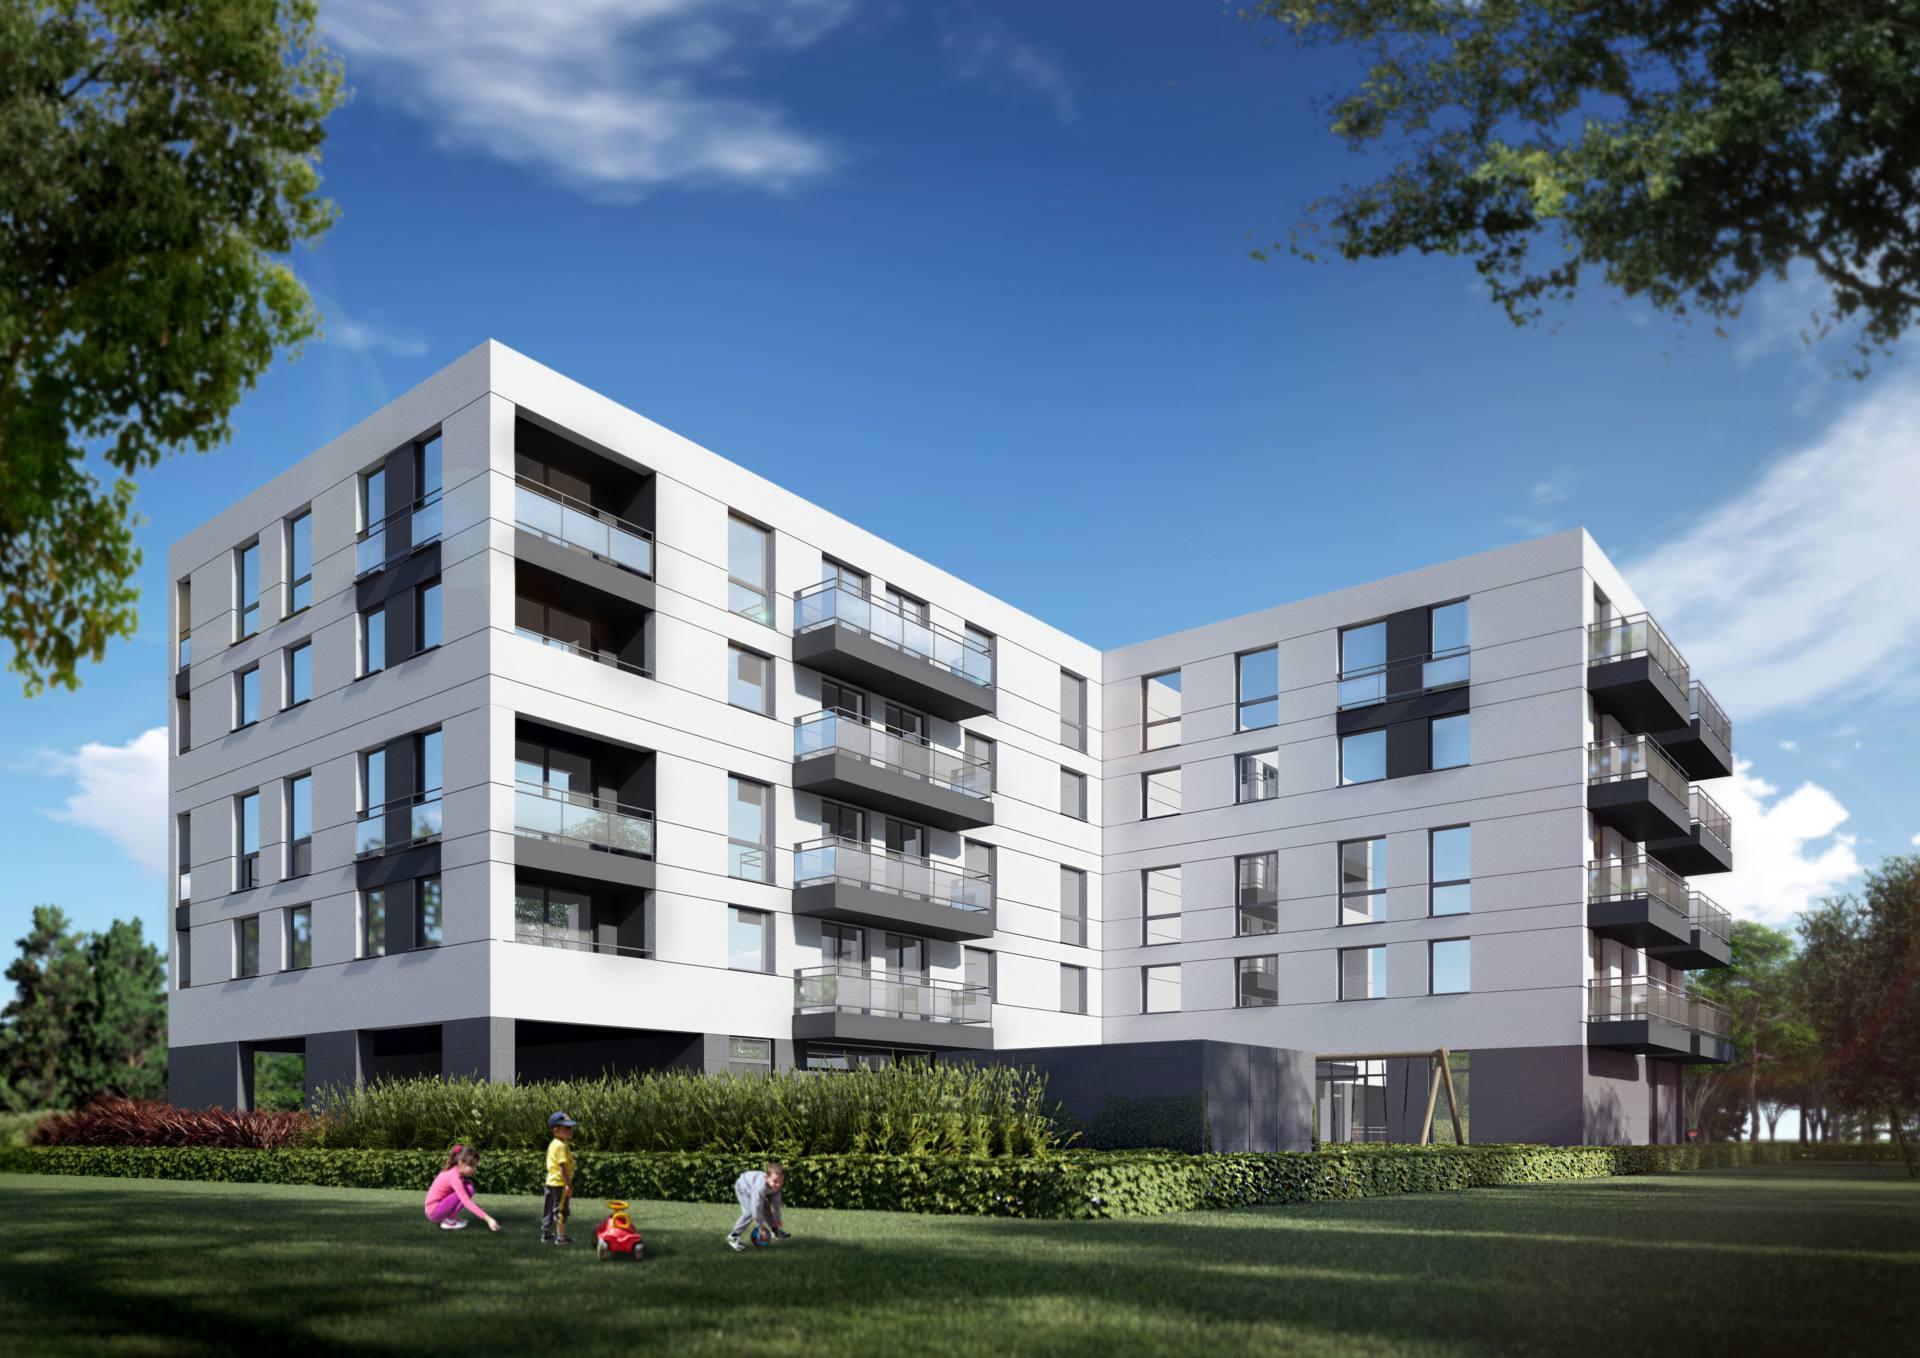 wyszynskiego widok 03 Istotne naruszenie prawa przez Radę Miasta Zamość – co dalej z inwestycjami dającymi nowe mieszkania i miejsca pracy?